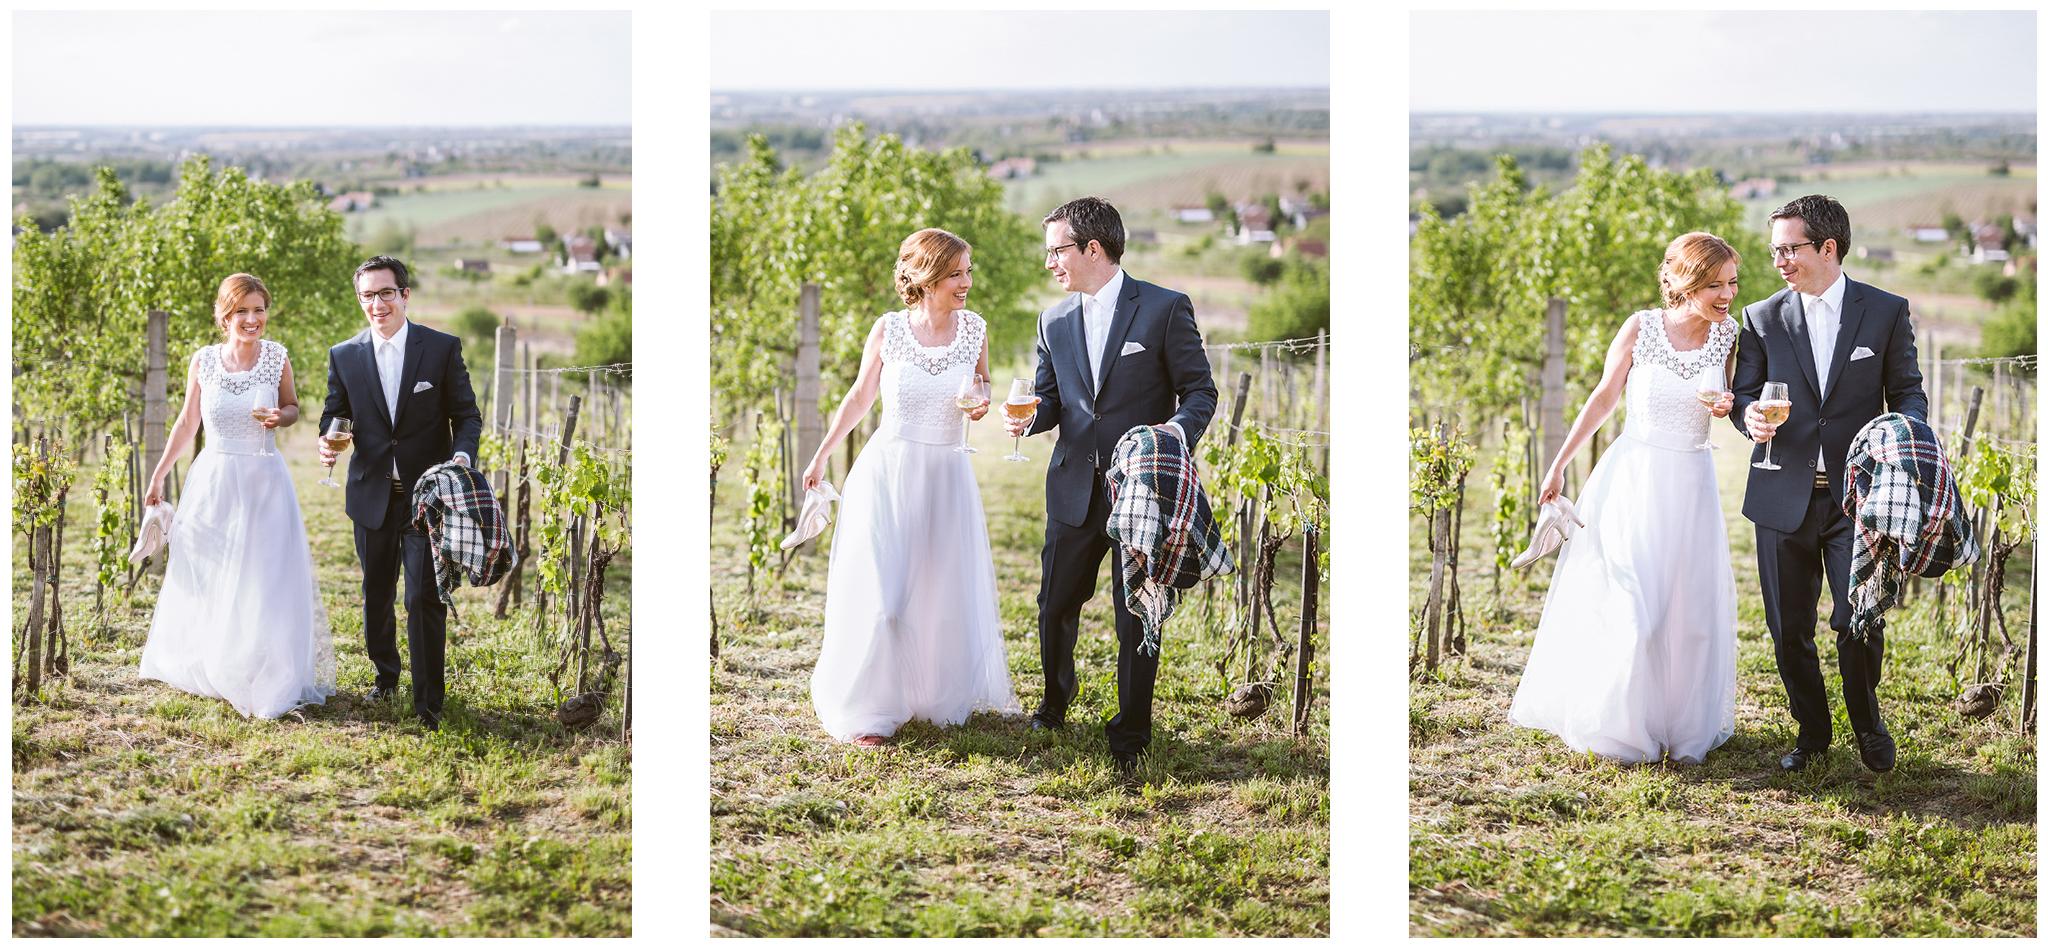 FylepPhoto, esküvőfotós, esküvői fotós Körmend, Szombathely, esküvőfotózás, magyarország, vas megye, prémium, jegyesfotózás, Fülöp Péter, körmend, kreatív, fotográfus_5.jpg